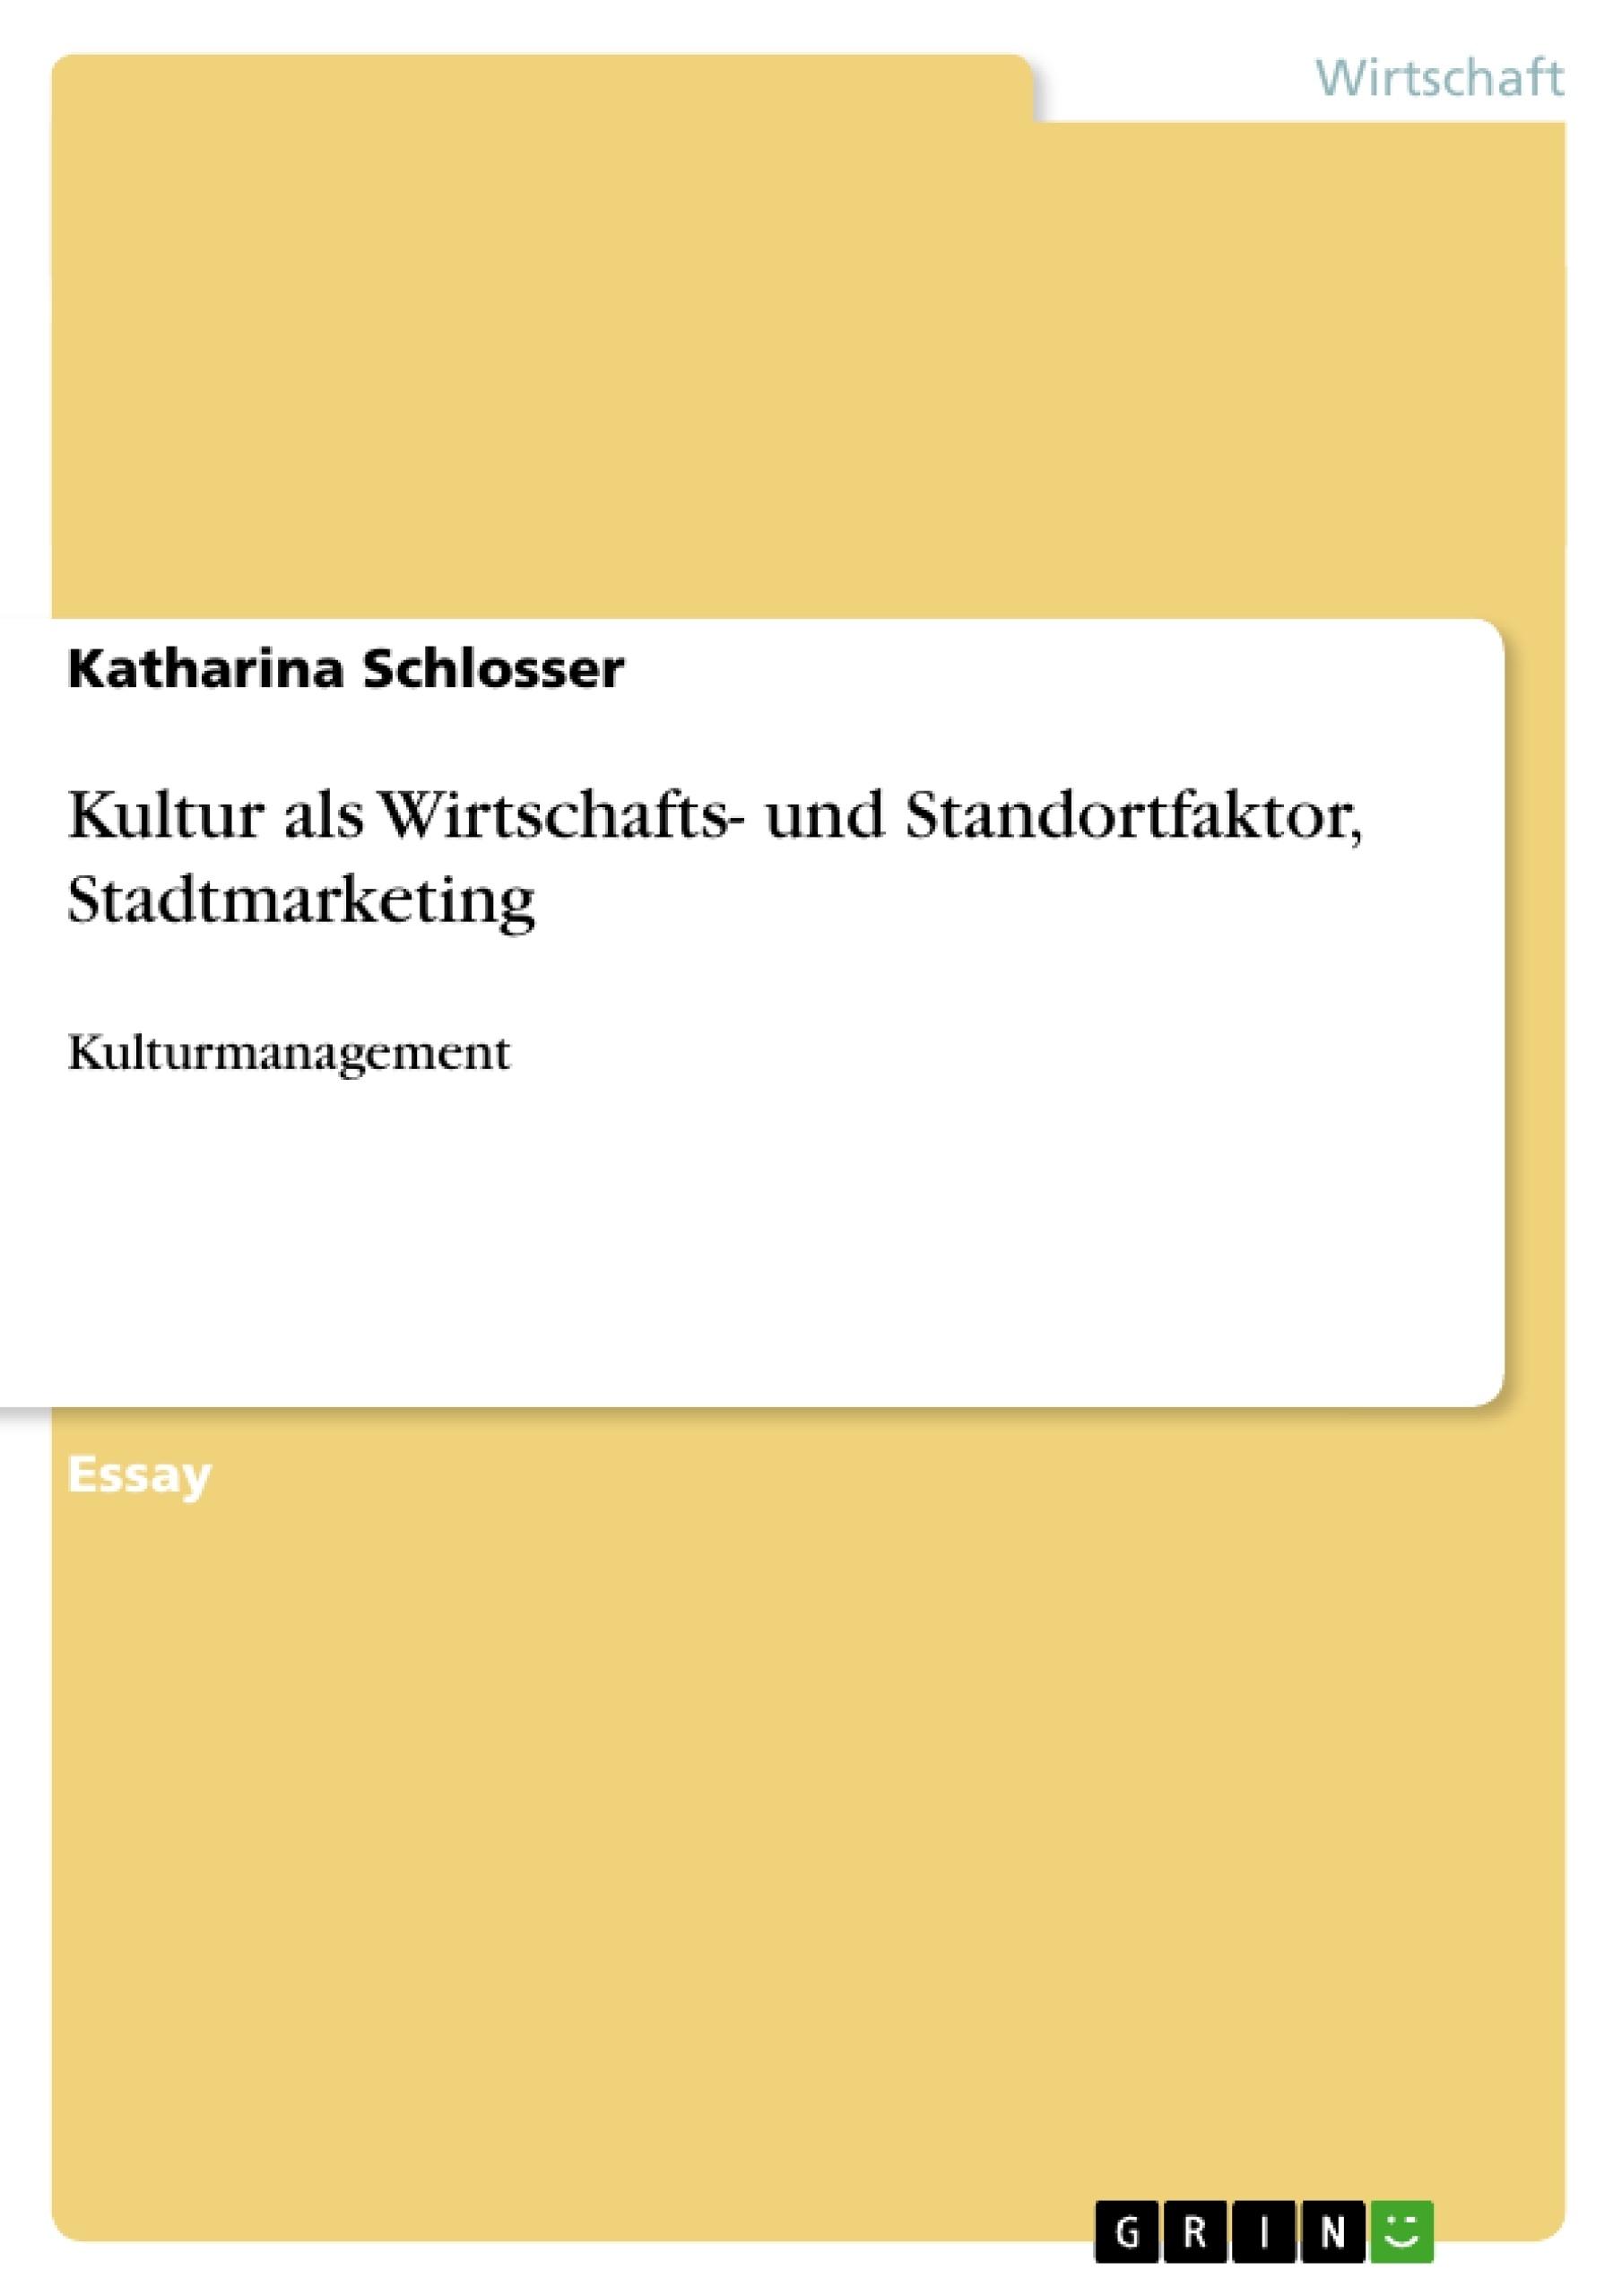 Titel: Kultur als Wirtschafts- und Standortfaktor, Stadtmarketing